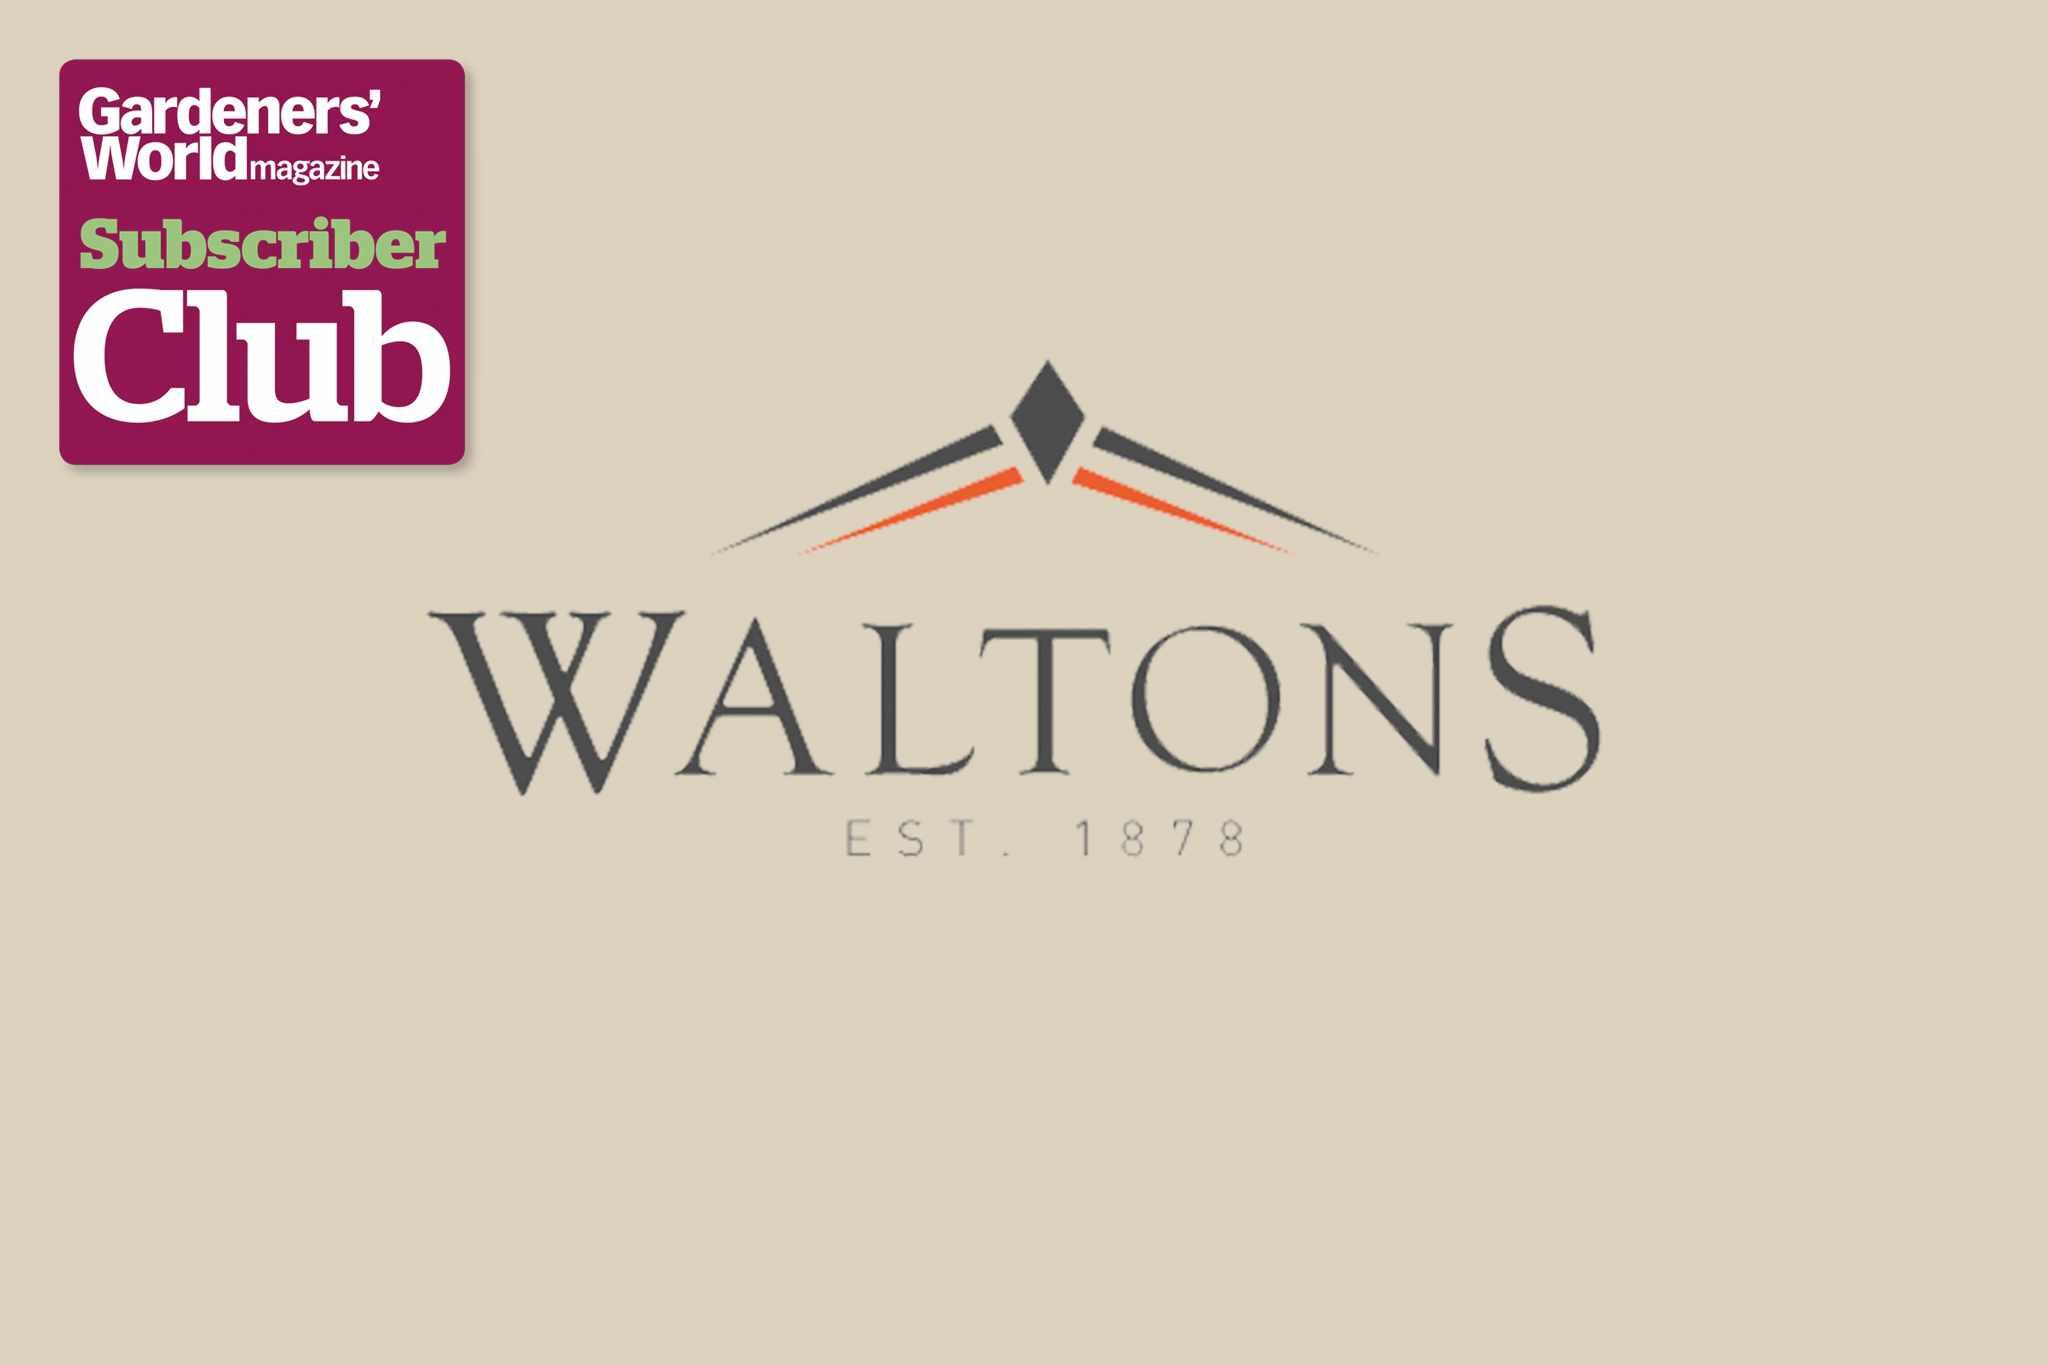 2048x1365-subscriber-club-10-per-cent-waltons